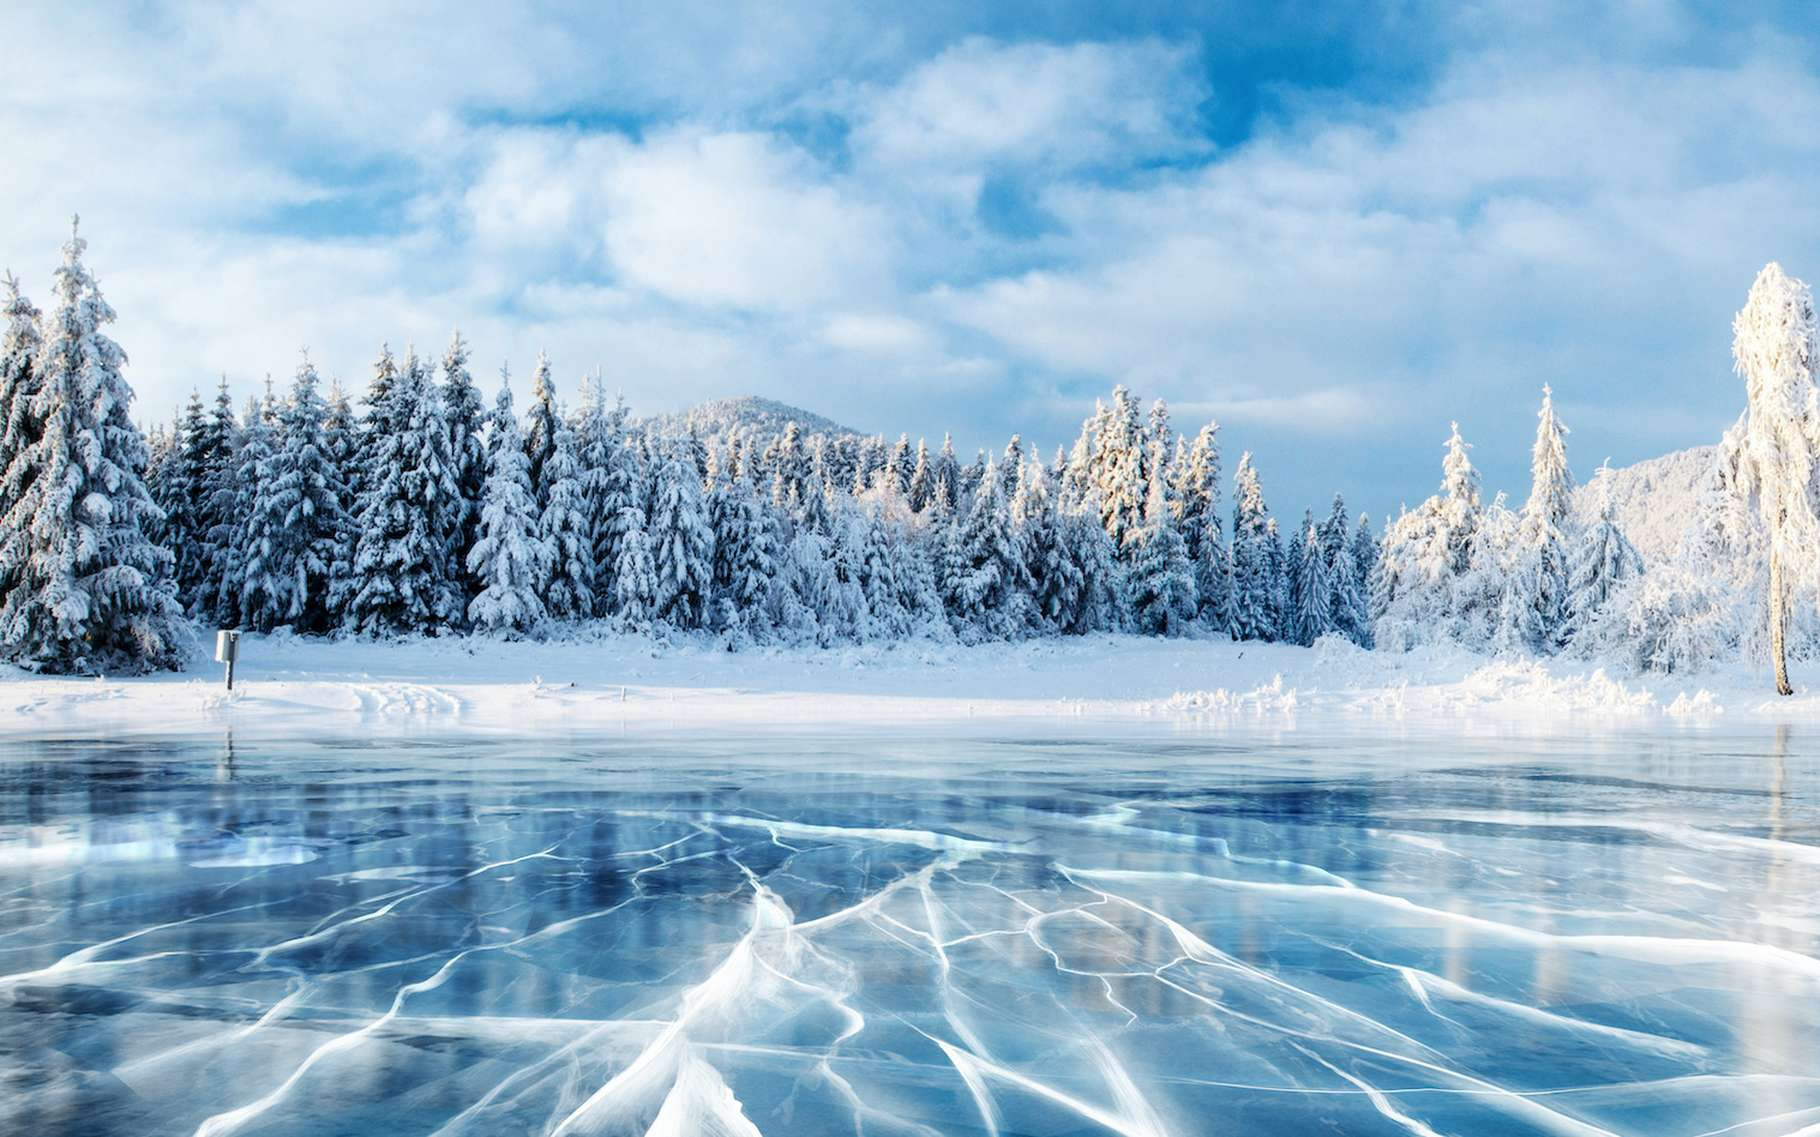 Selon des chercheurs de l'université de Melbourne (Australie), les âges glaciaires prennent fin lorsque l'angle d'inclinaison de l'axe de la Terre approche ses valeurs les plus élevées. © standret, Adobe Stock